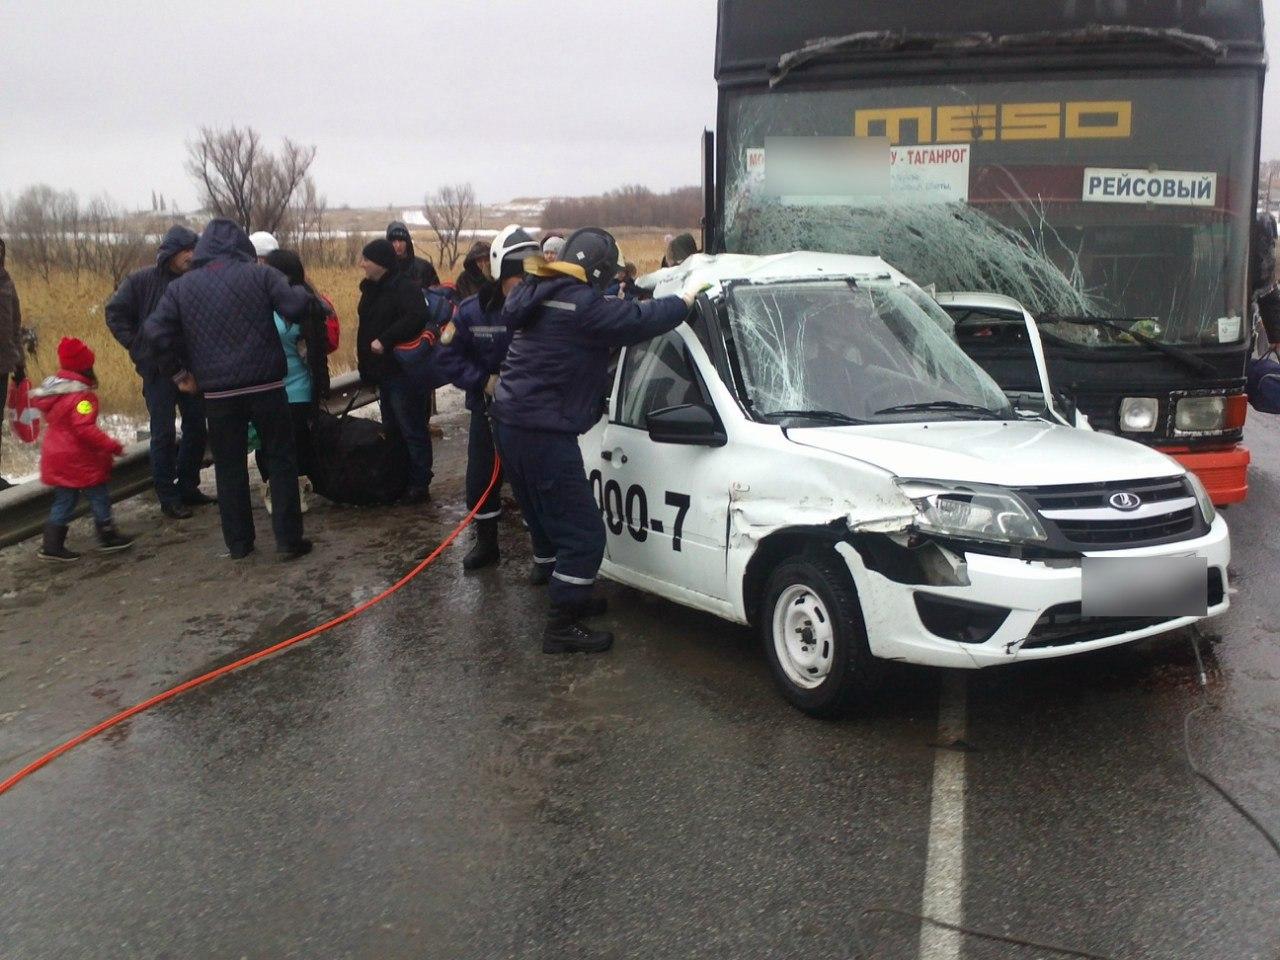 На донской трассе пассажирский автобус «Москва-Таганрог» столкнулся с Lada Granta